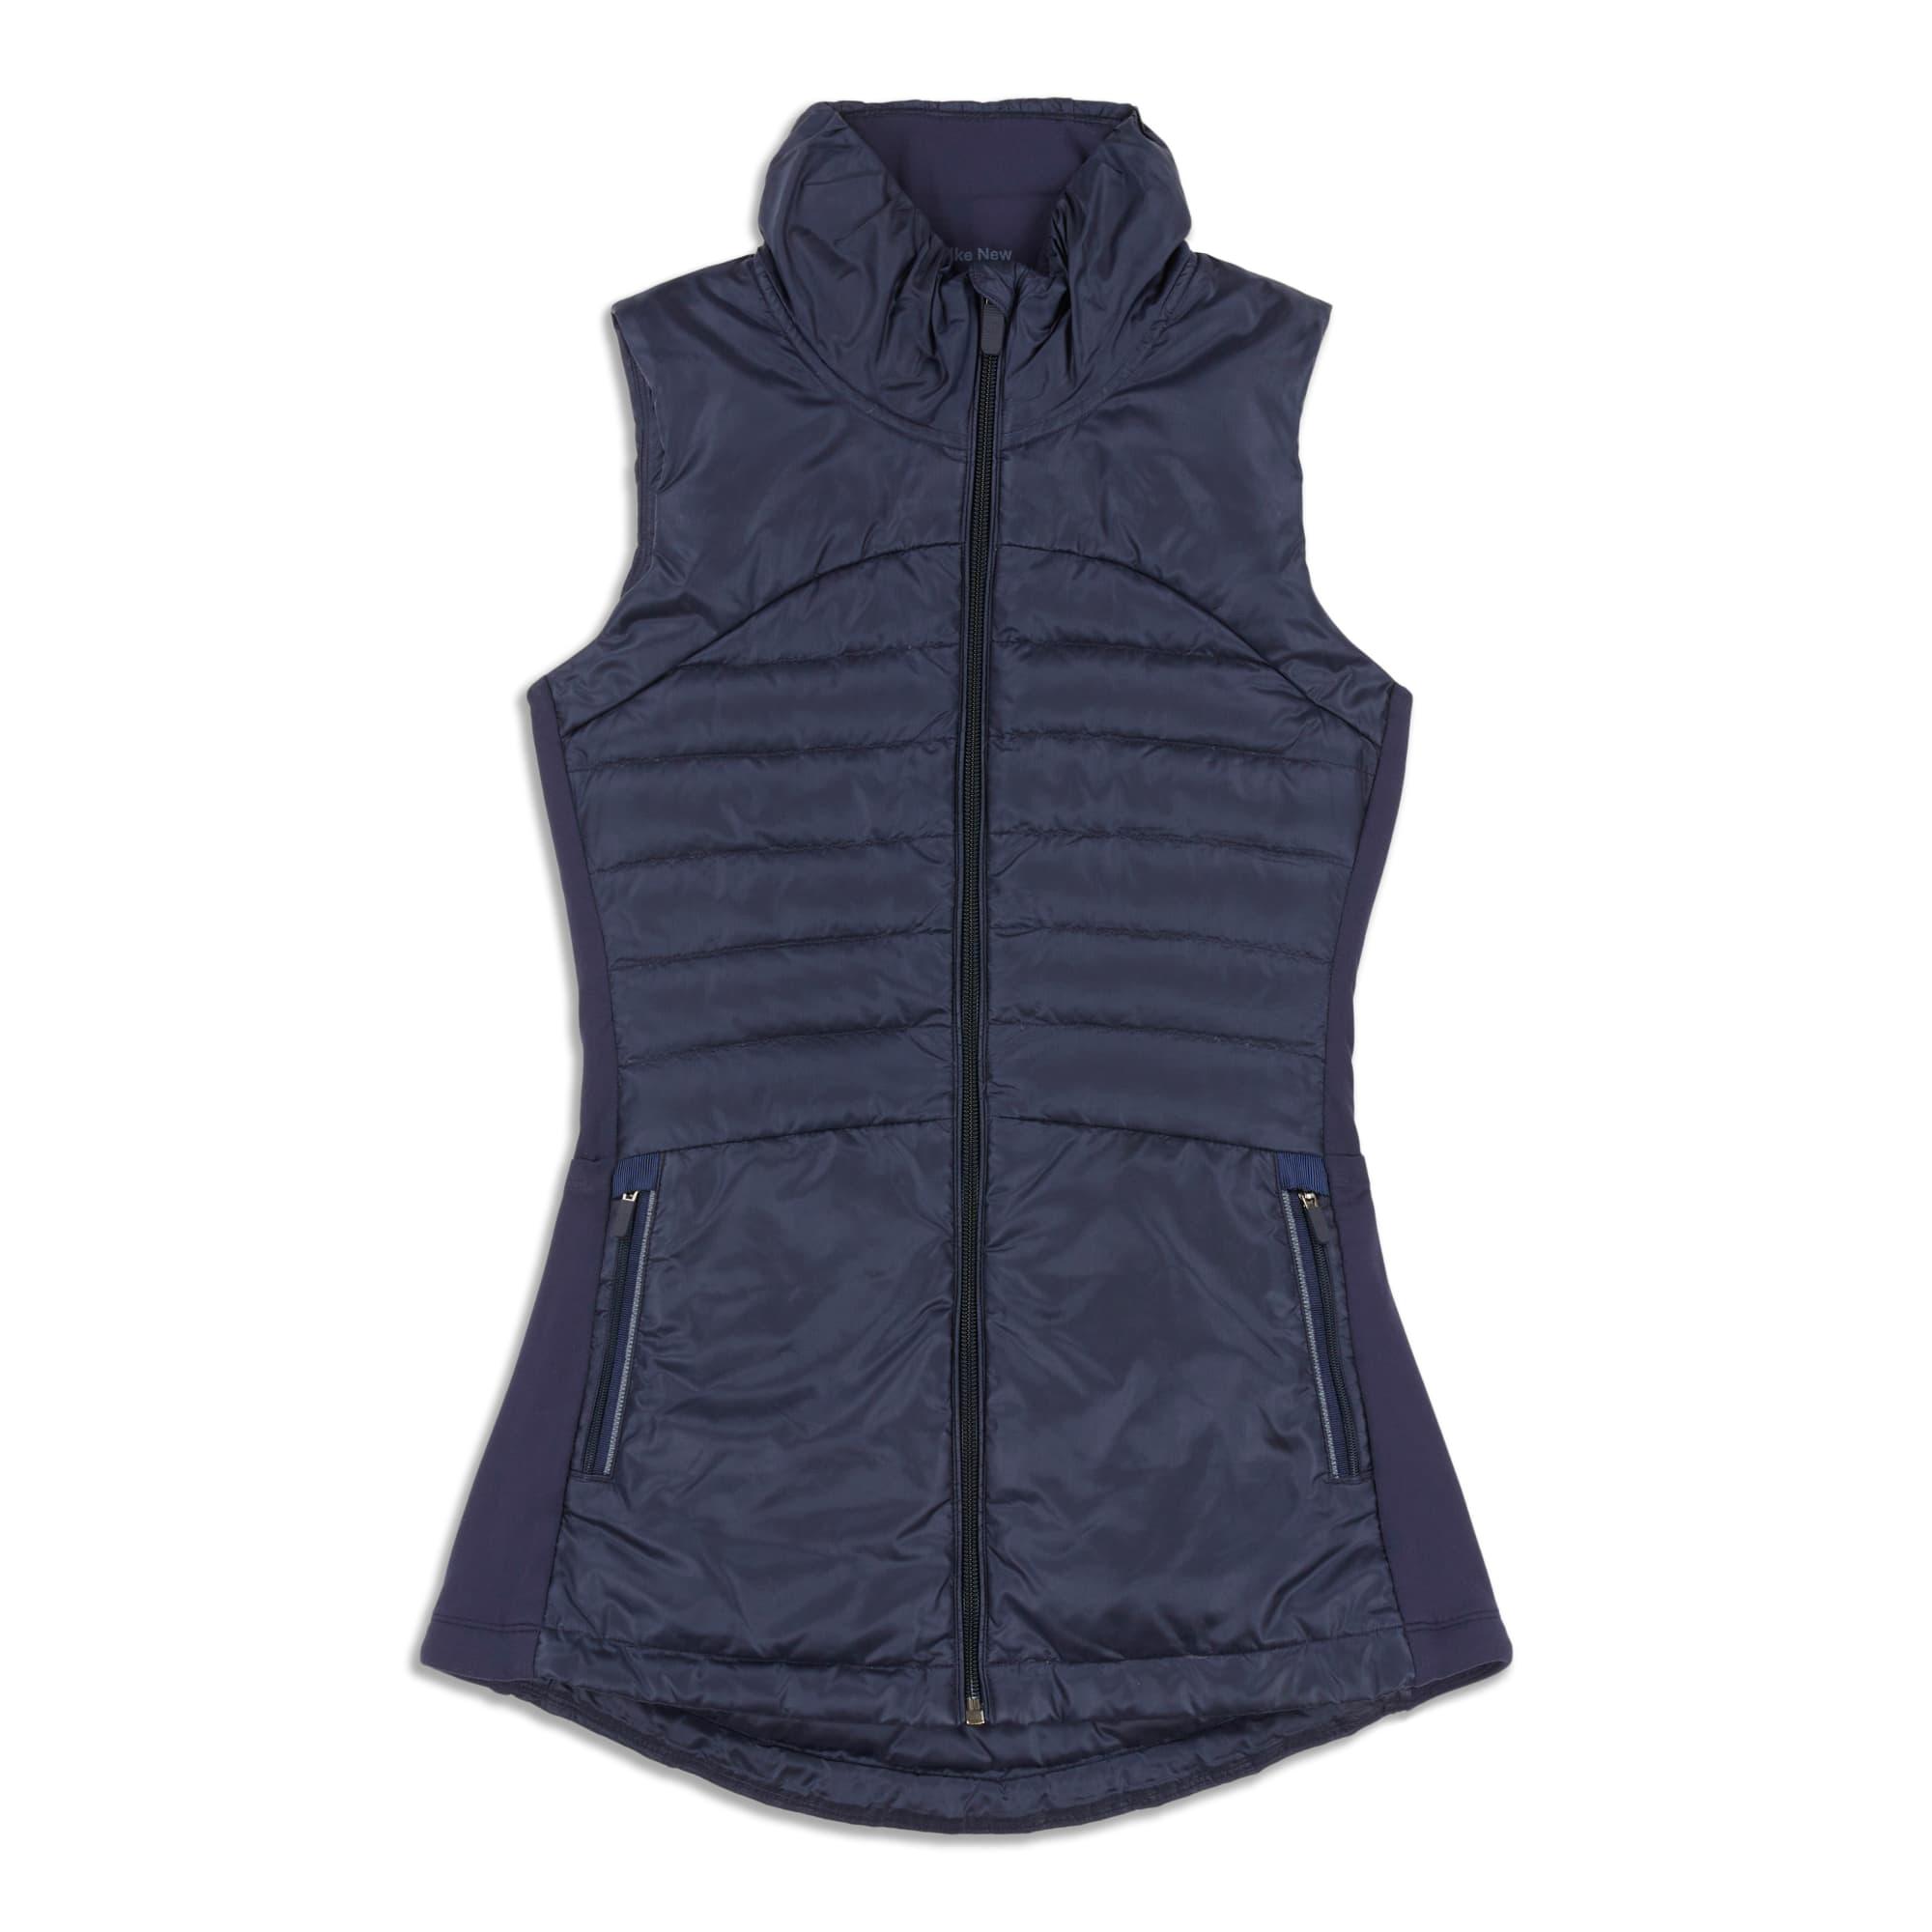 Main product image: Women's Vest - Resale